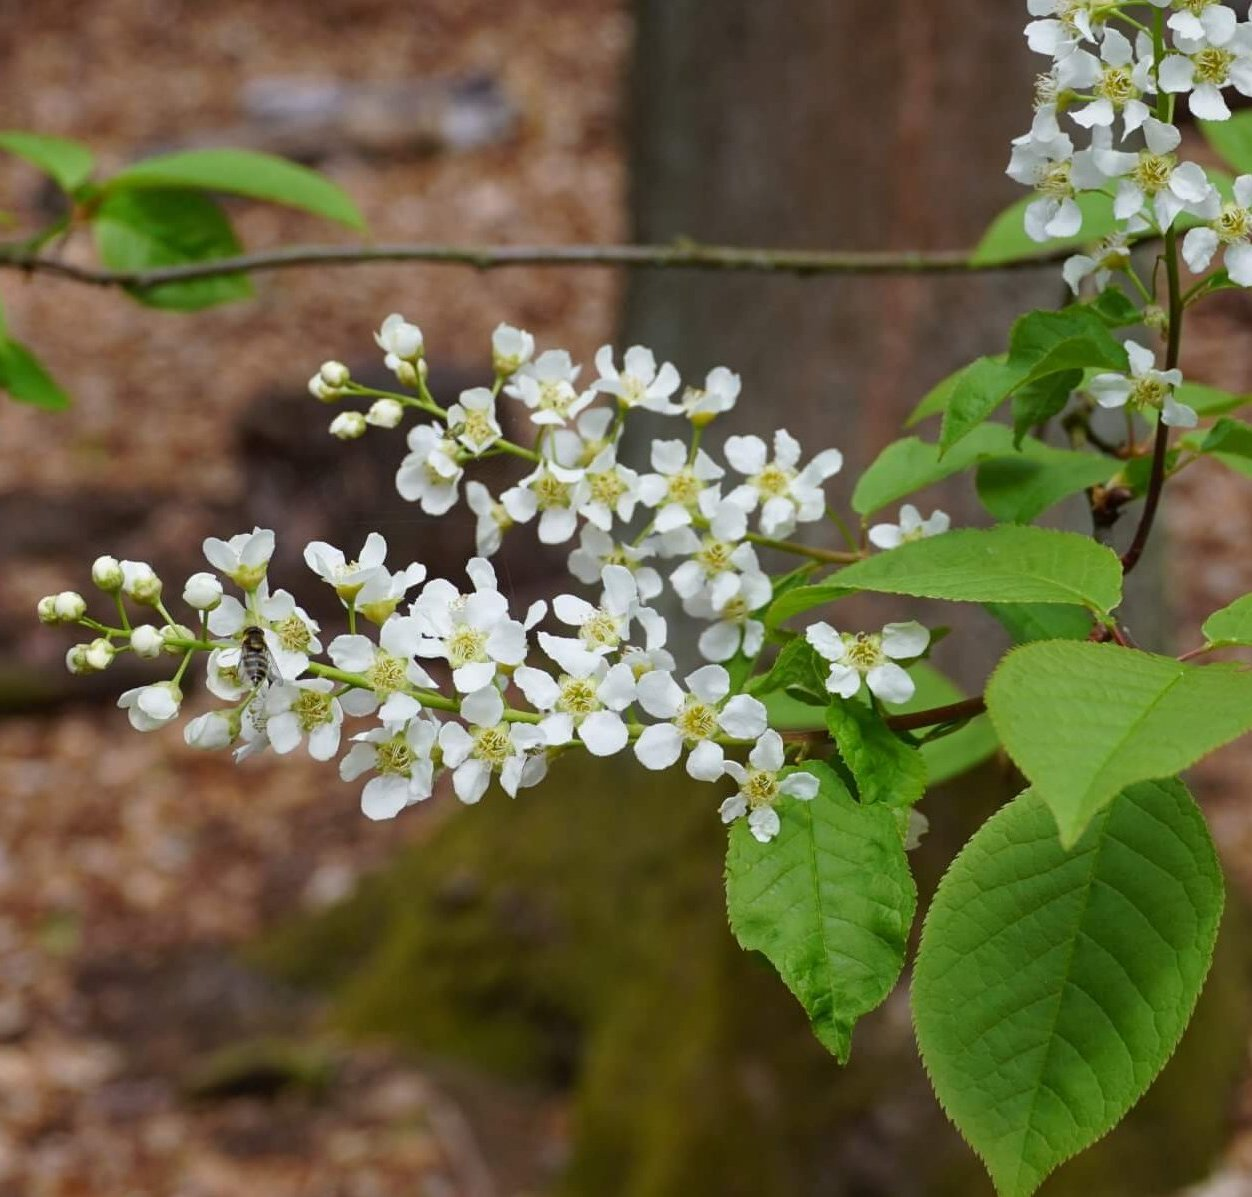 Das Bild zeigt die Blütentraube der Gewöhnlichen Traubenkirsche im Müggelwald bei Schmetterlingshorst. Zahlreiche Insekten wie hier eine Schwebfliege gehören zu den Besuchern der Blüten.